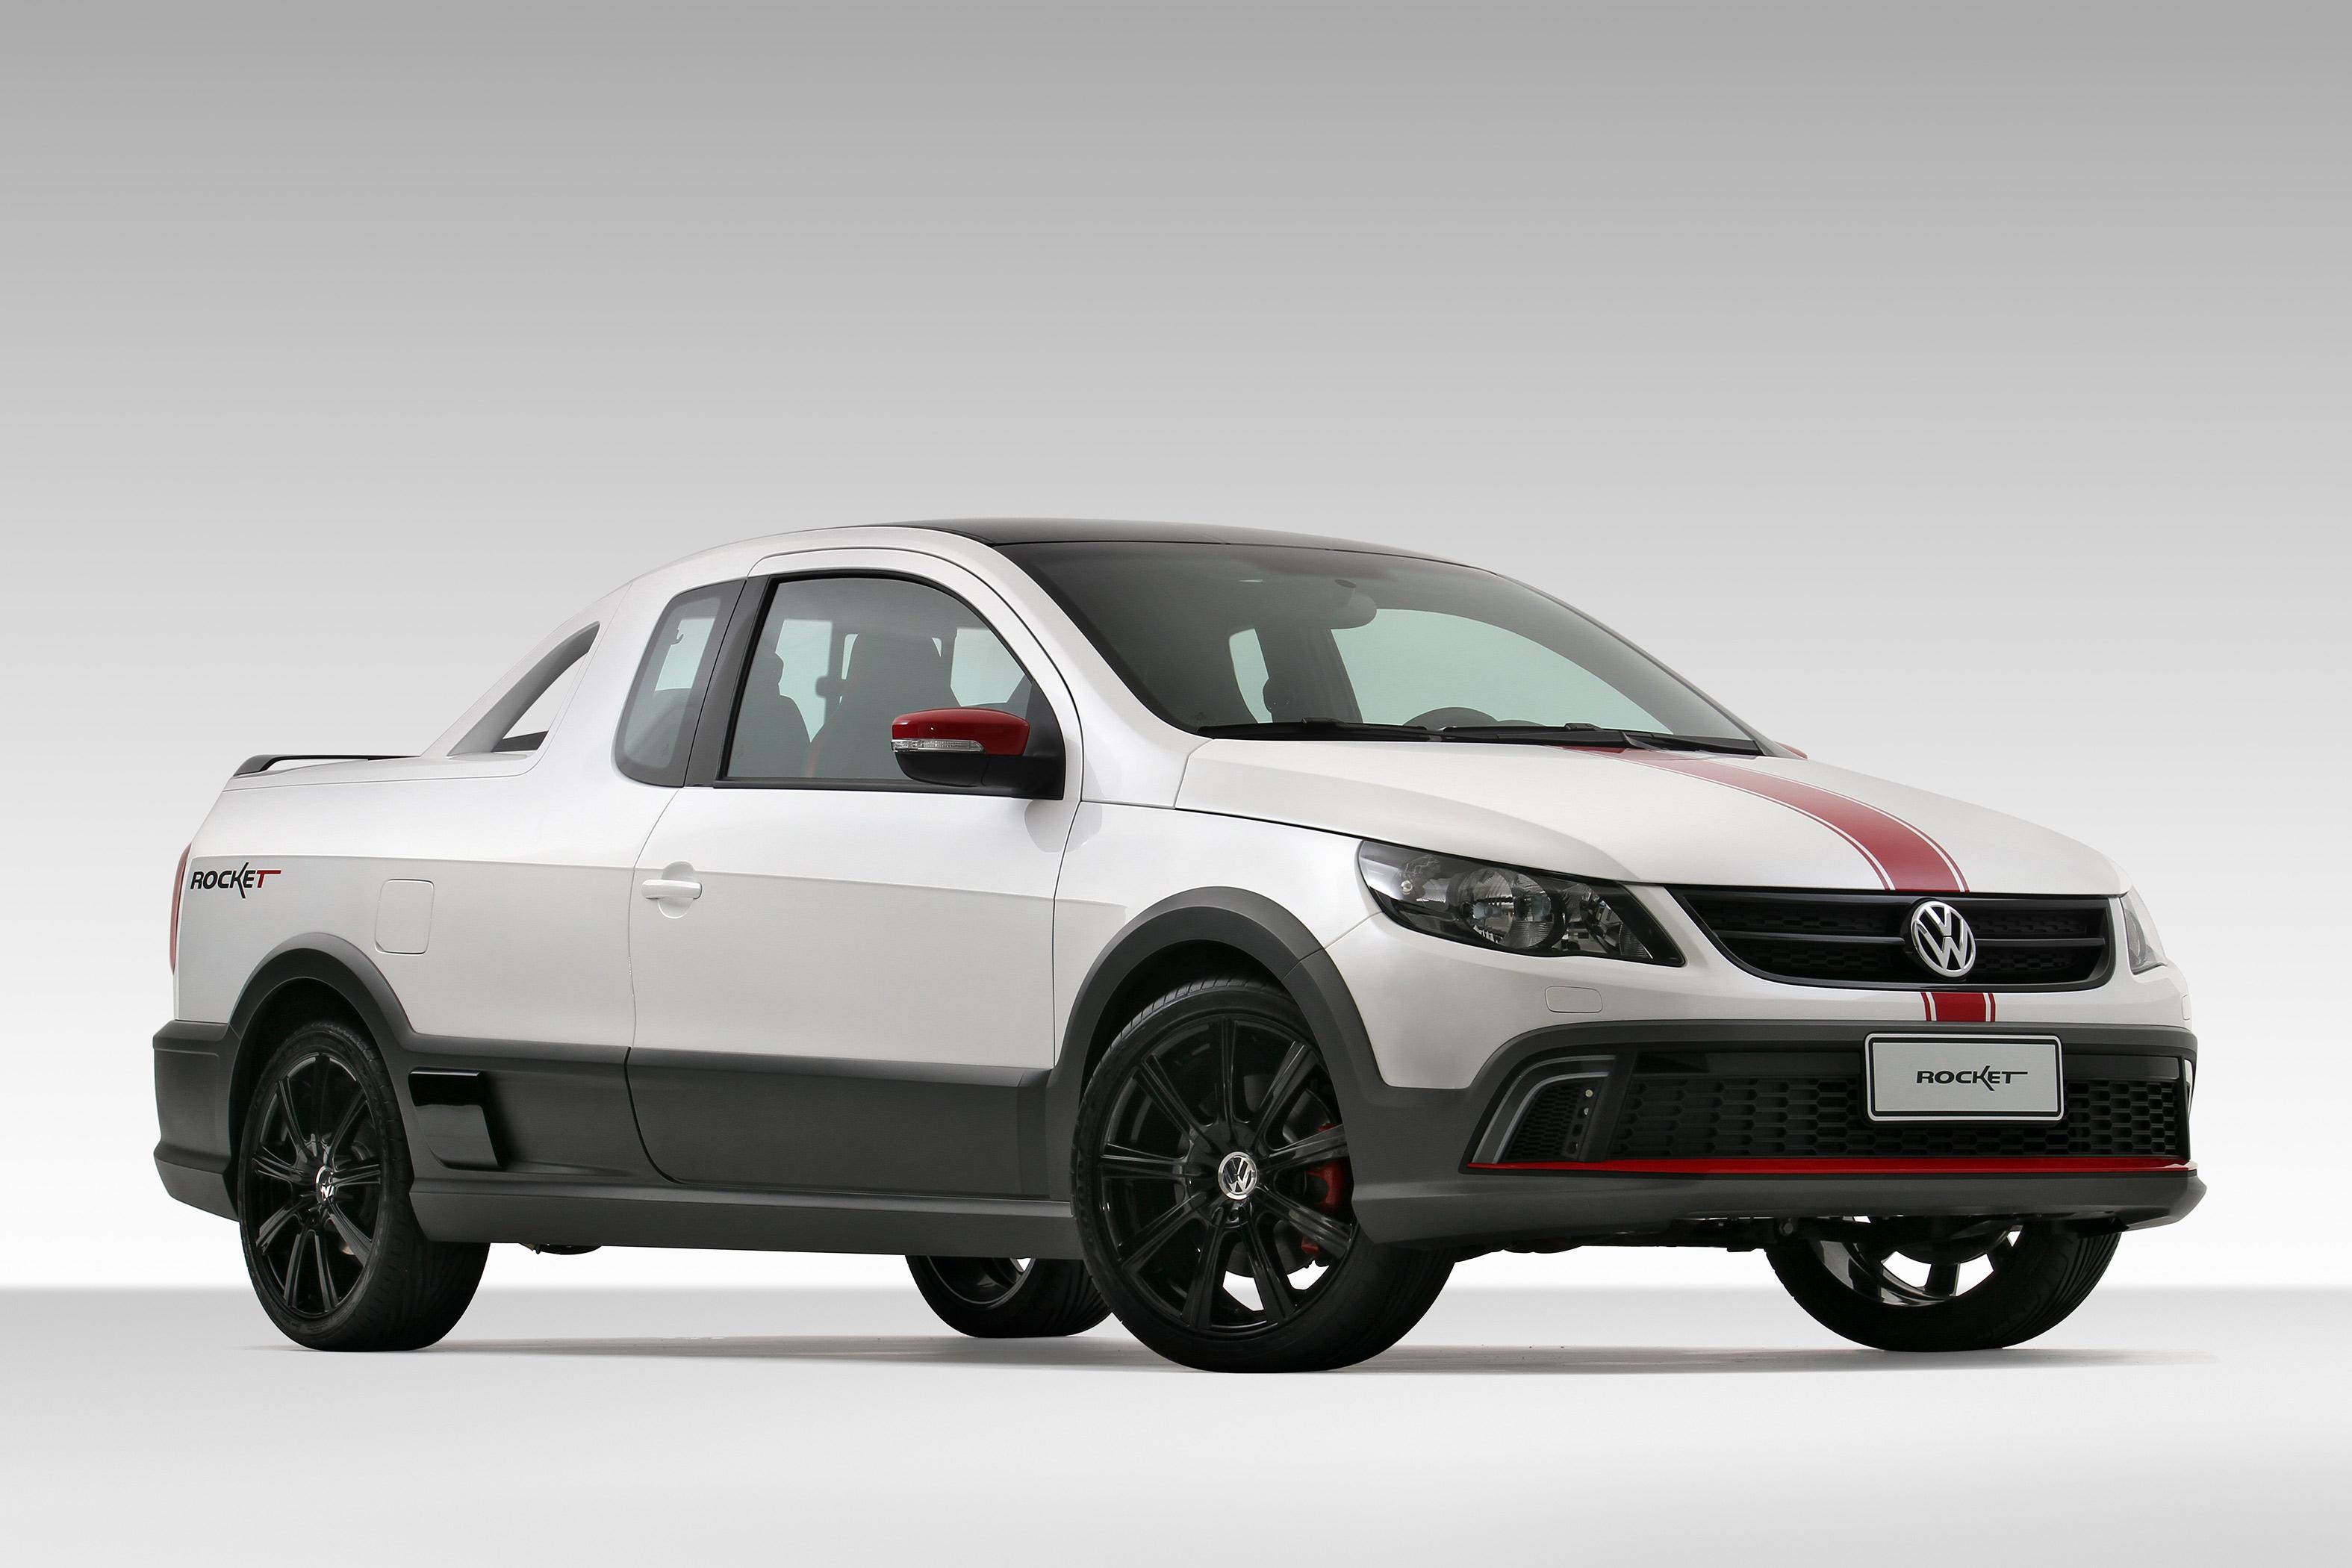 VW Saveiro RockeT 1